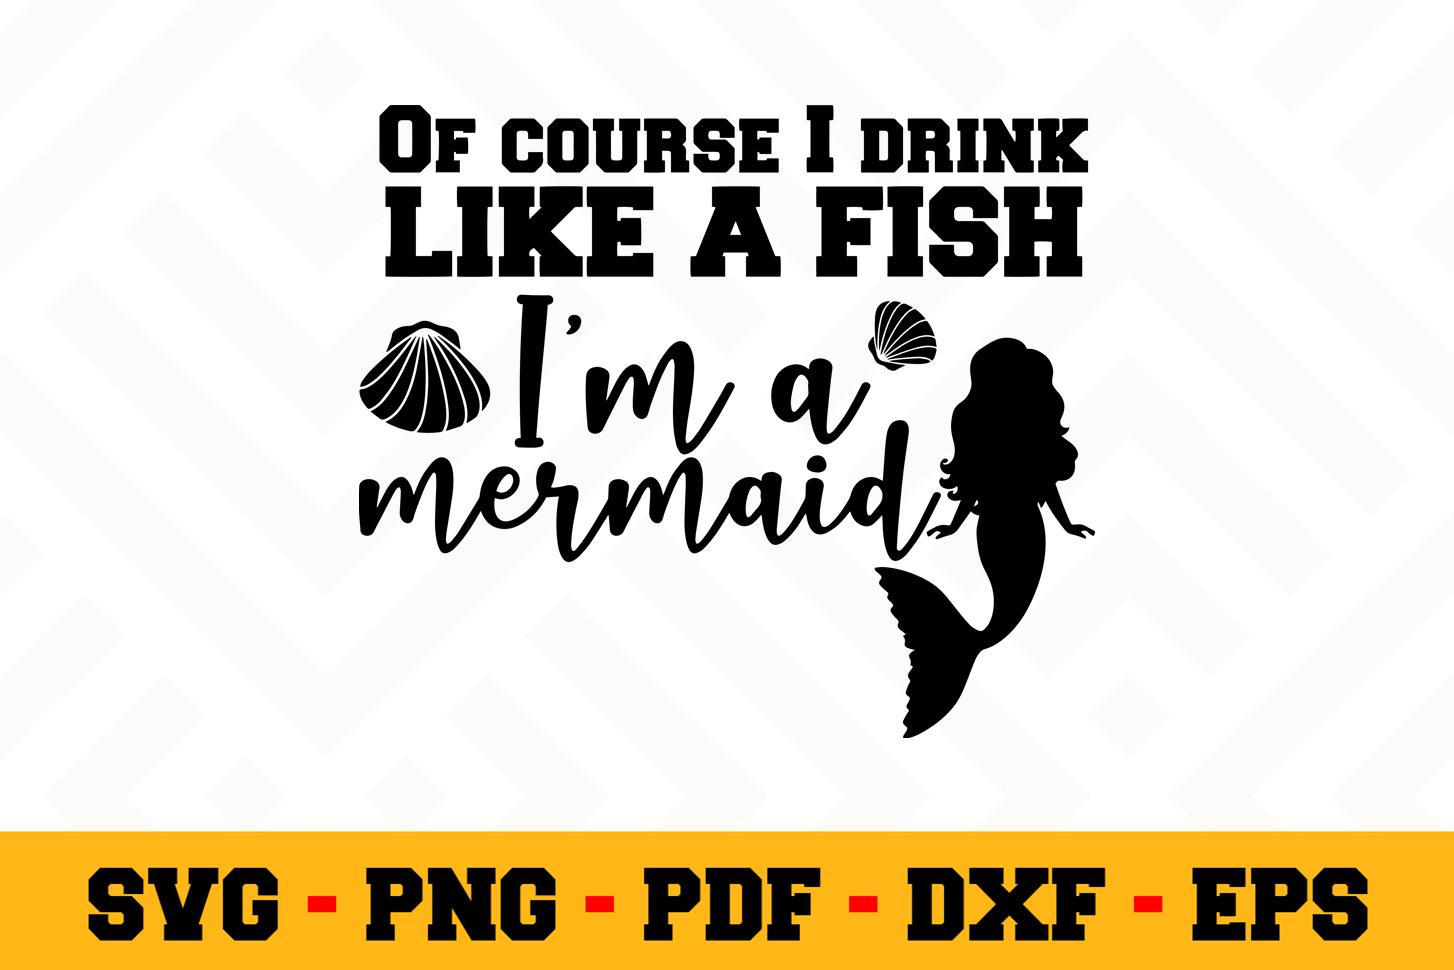 Mermaid SVG Design n522 | Mermaid SVG Cut File example image 1